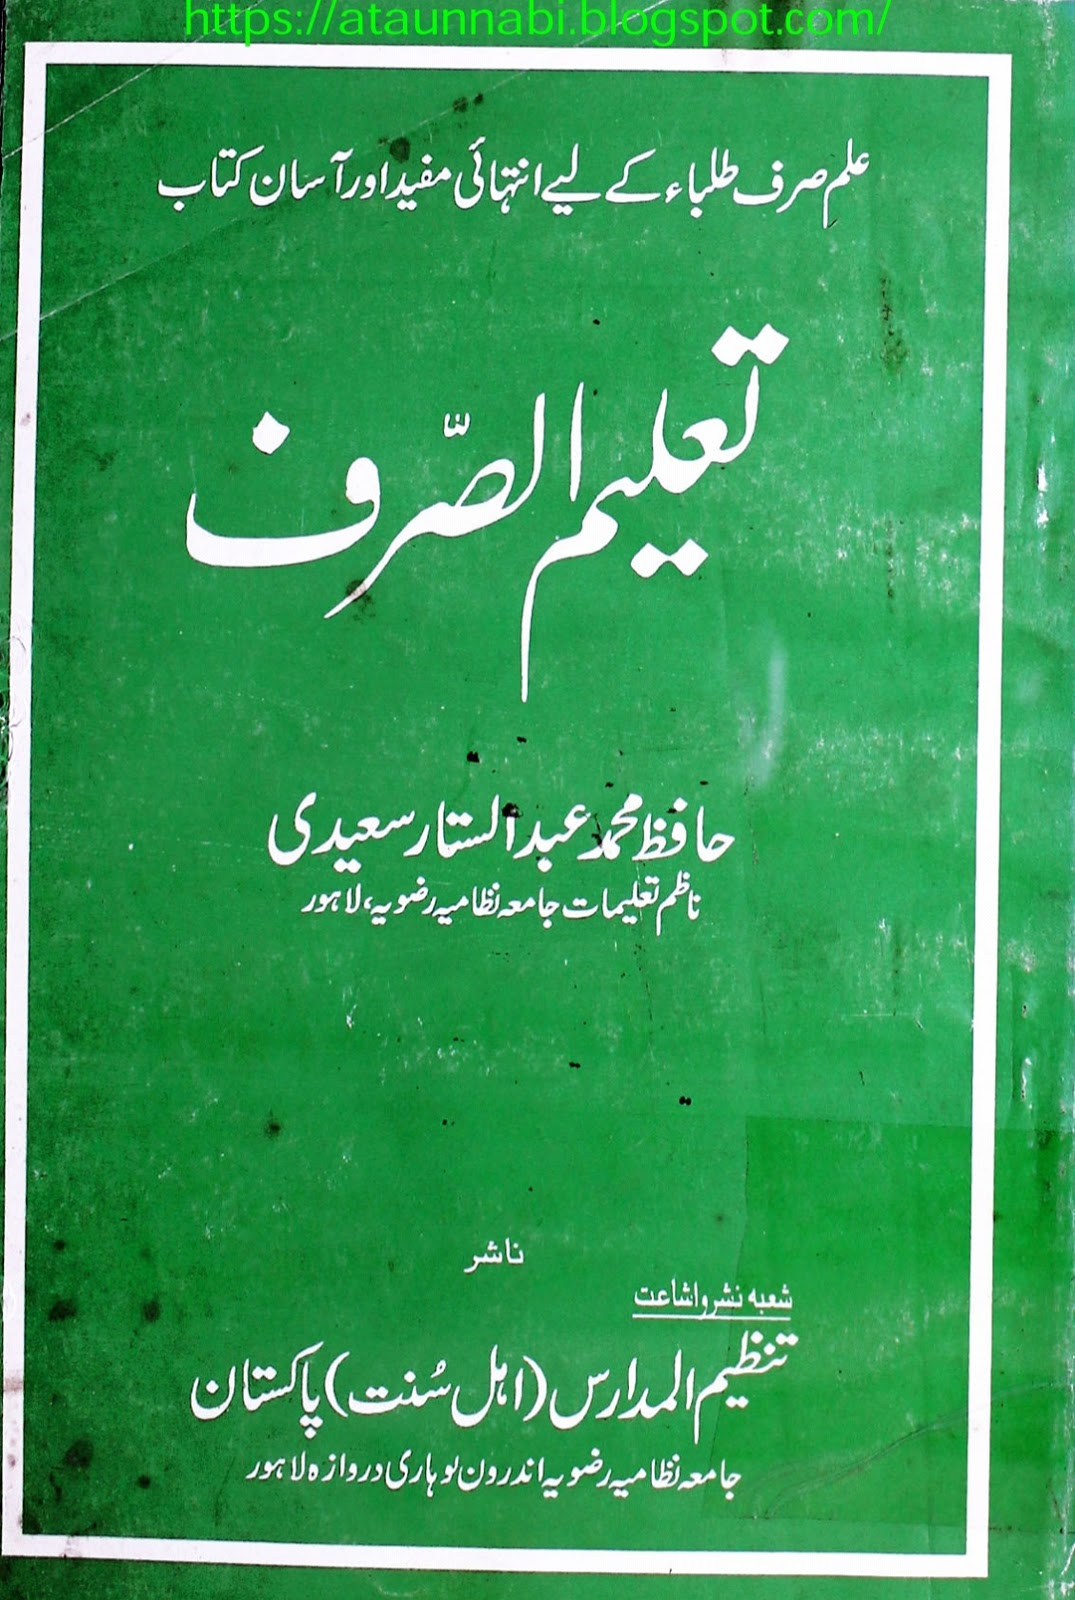 Taleem Us Sarf / تعلیم الصرف byشیخ الحدیث مولانا عبدالستار سعیدی